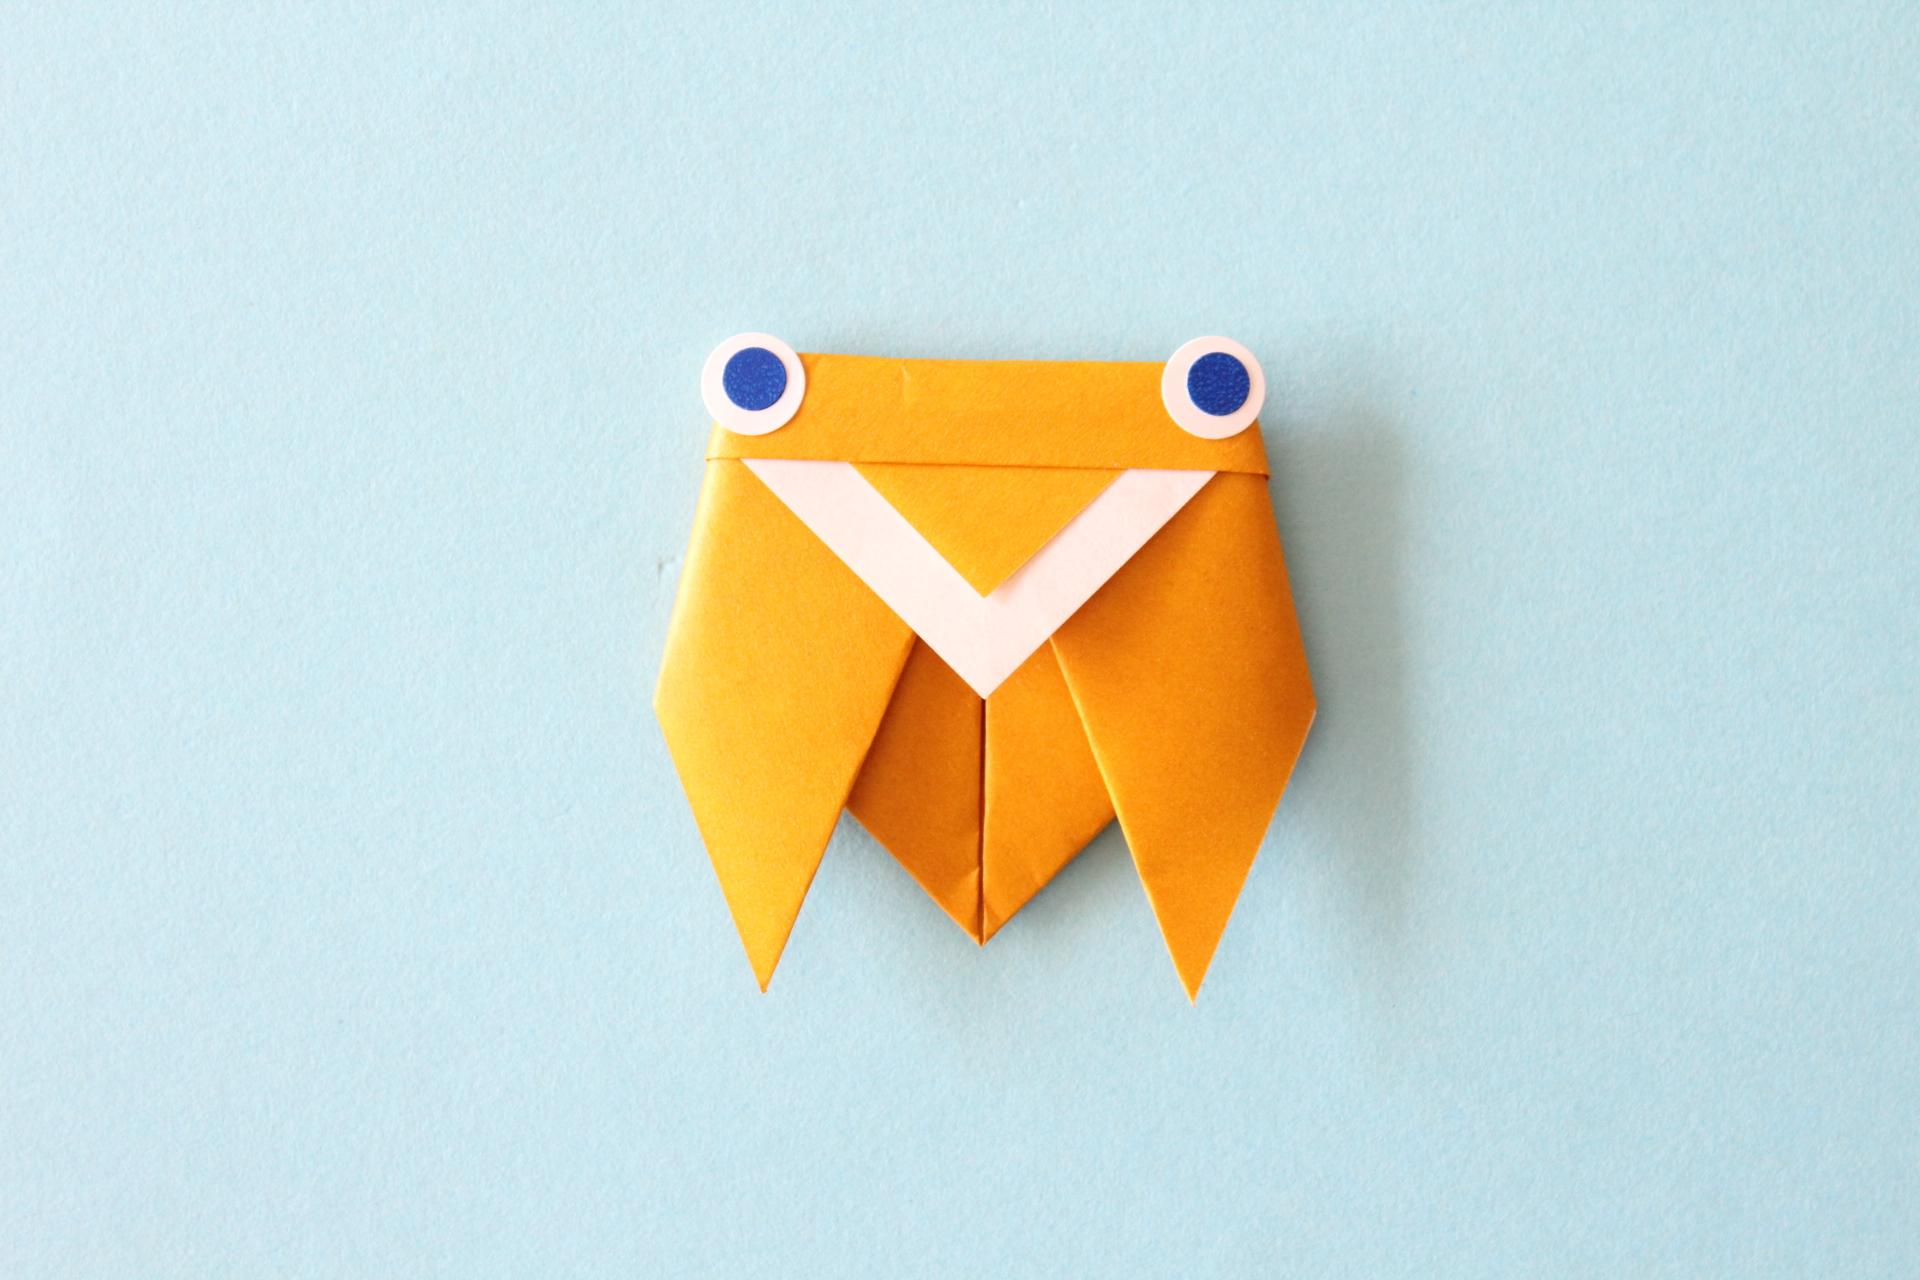 折り紙でセミの折り方